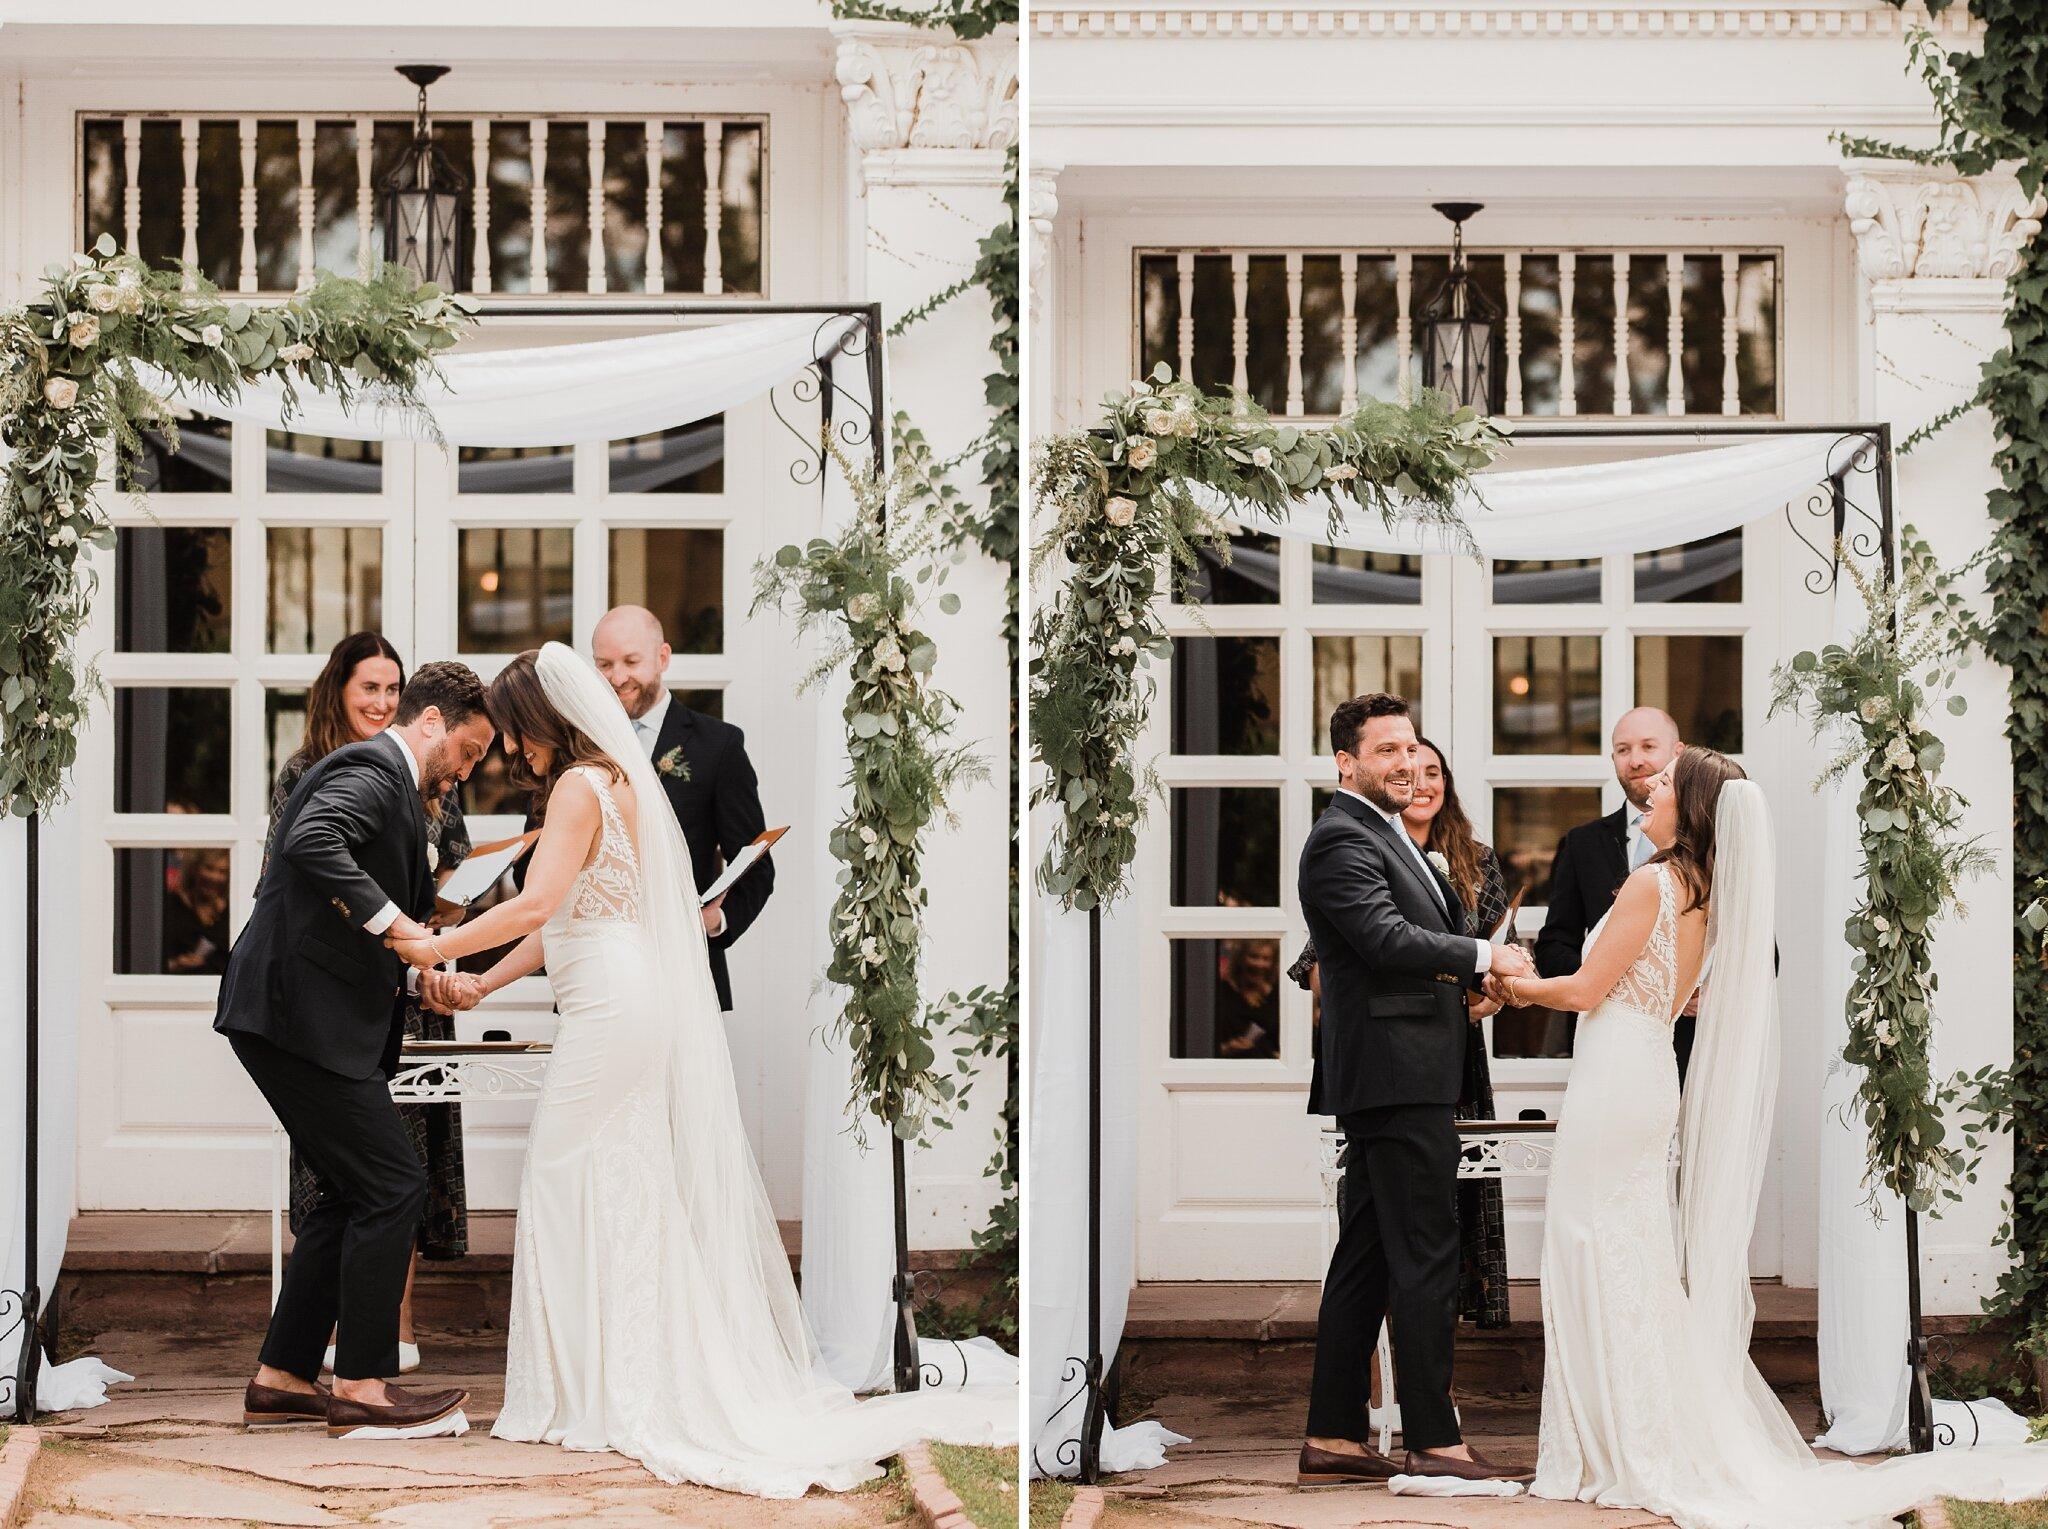 Alicia+lucia+photography+-+albuquerque+wedding+photographer+-+santa+fe+wedding+photography+-+new+mexico+wedding+photographer+-+new+mexico+wedding+-+wedding+-+albuquerque+wedding+-+los+poblanos+-+los+poblanos+wedding+-+fall+wedding_0063.jpg